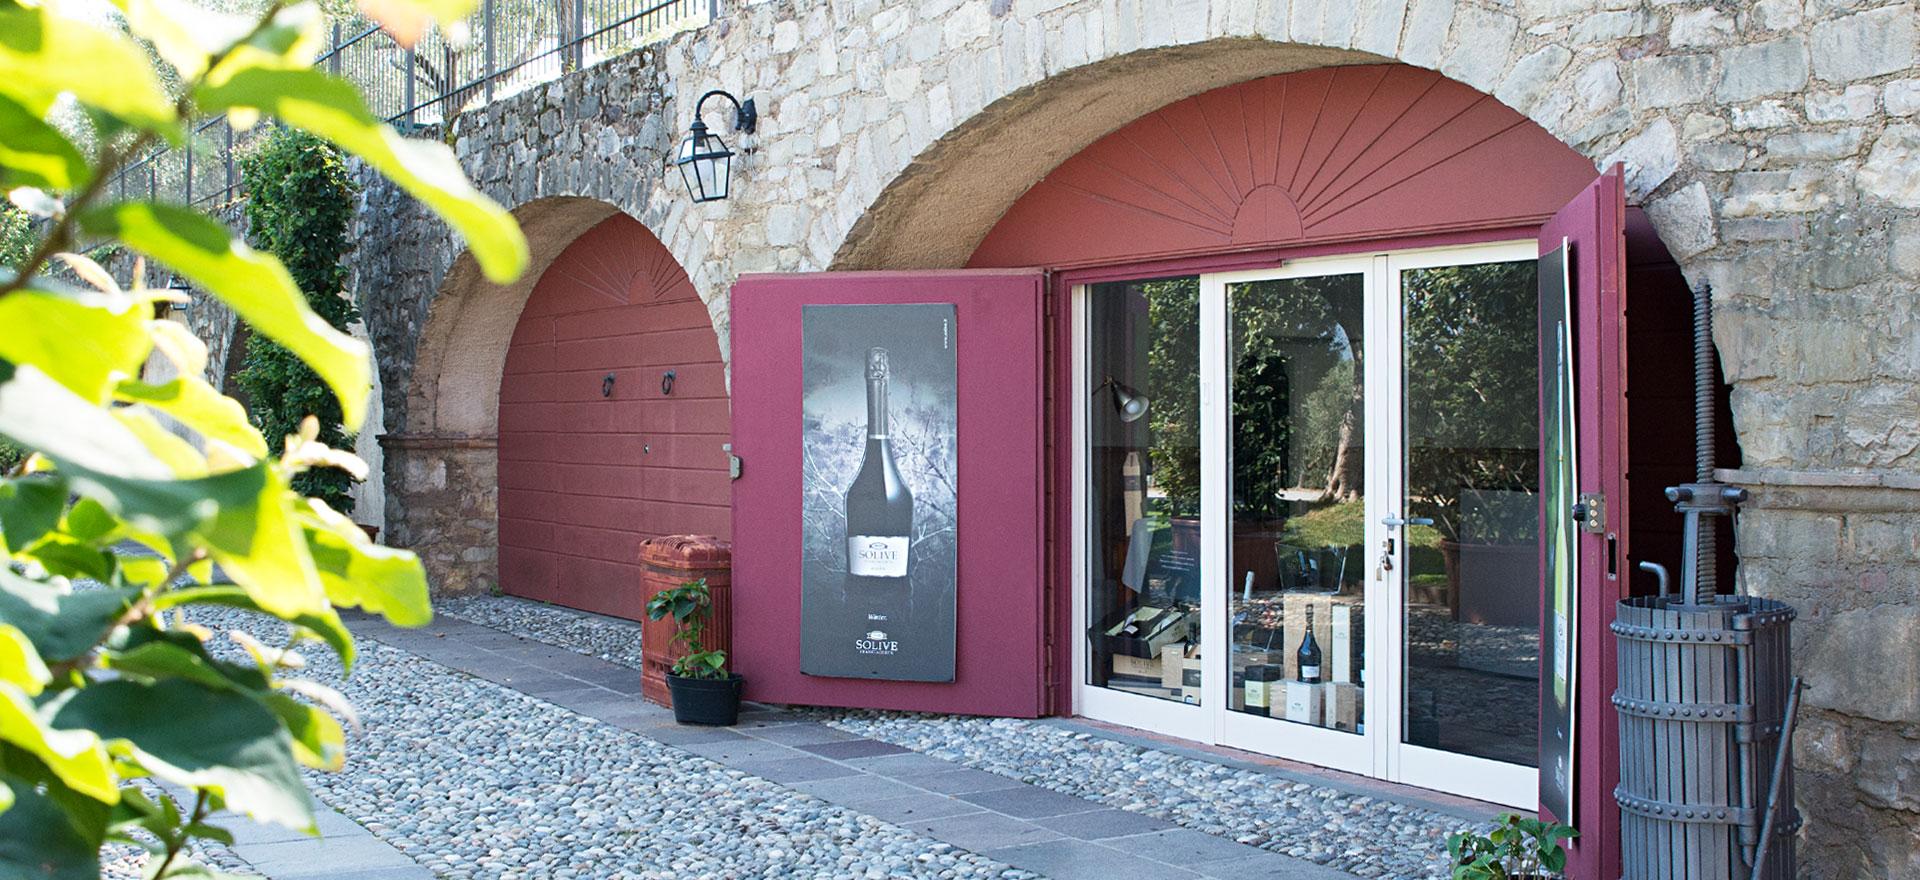 solive wine shop e degustazioni